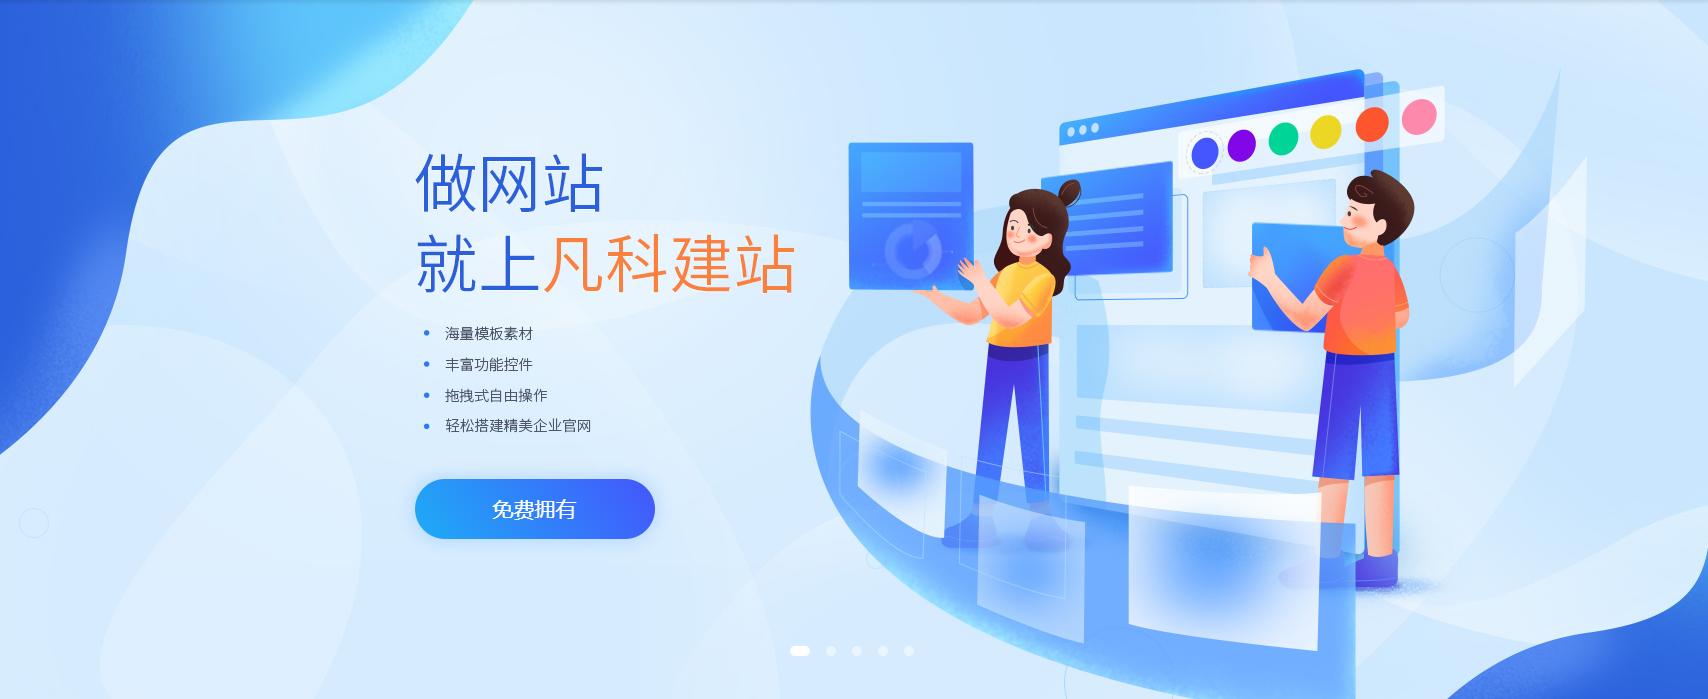 喜庆专业婚礼网站模板